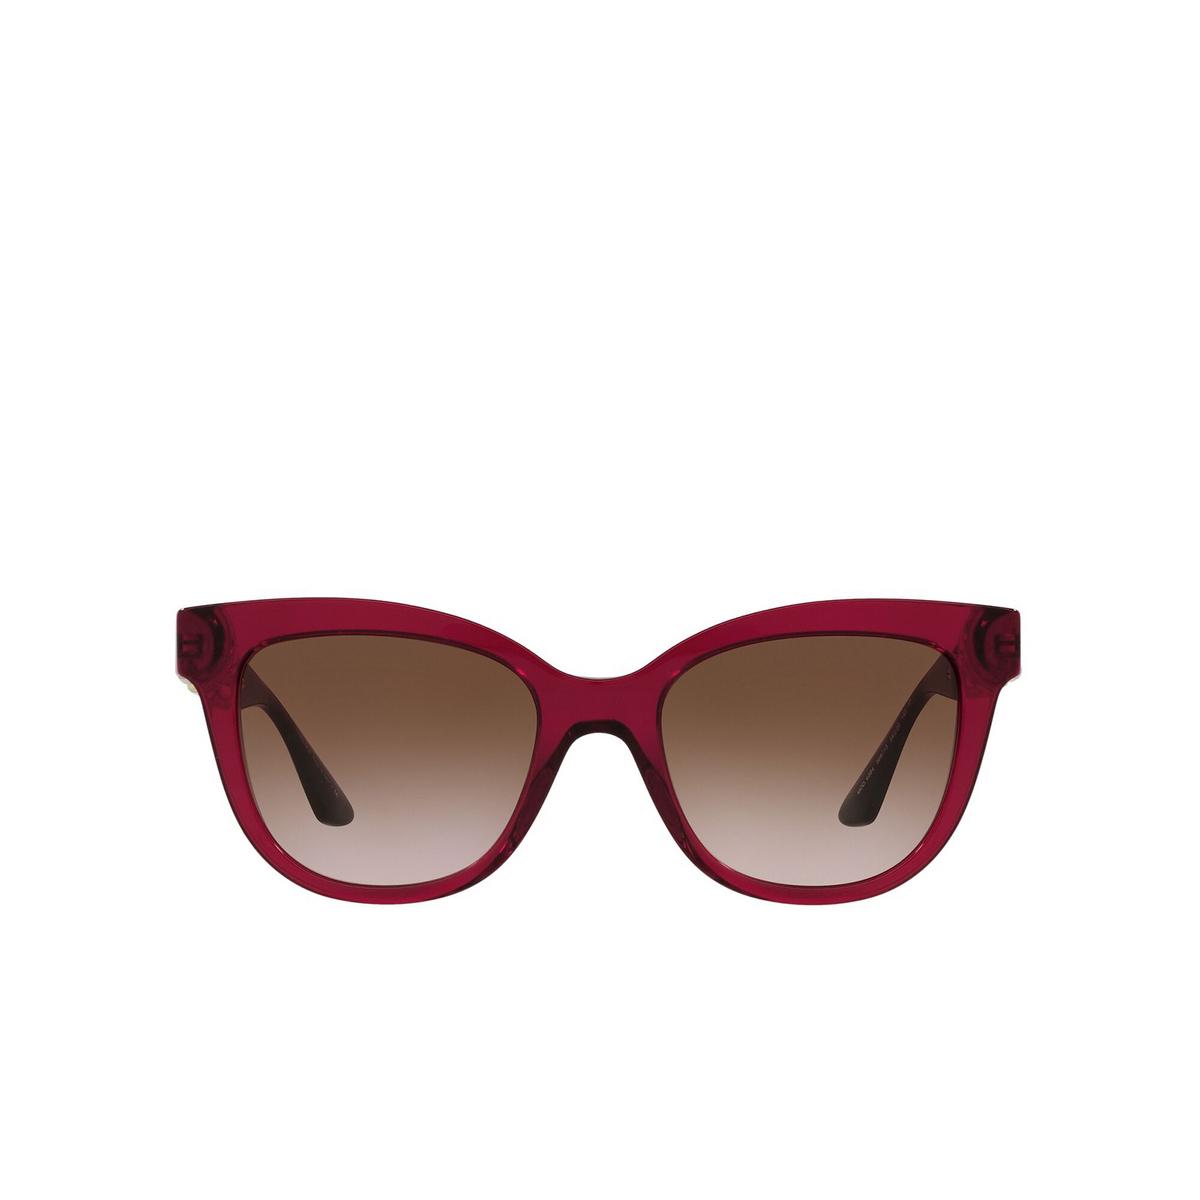 Versace® Cat-eye Sunglasses: VE4394 color Bordeaux Transparent 388/13 - front view.